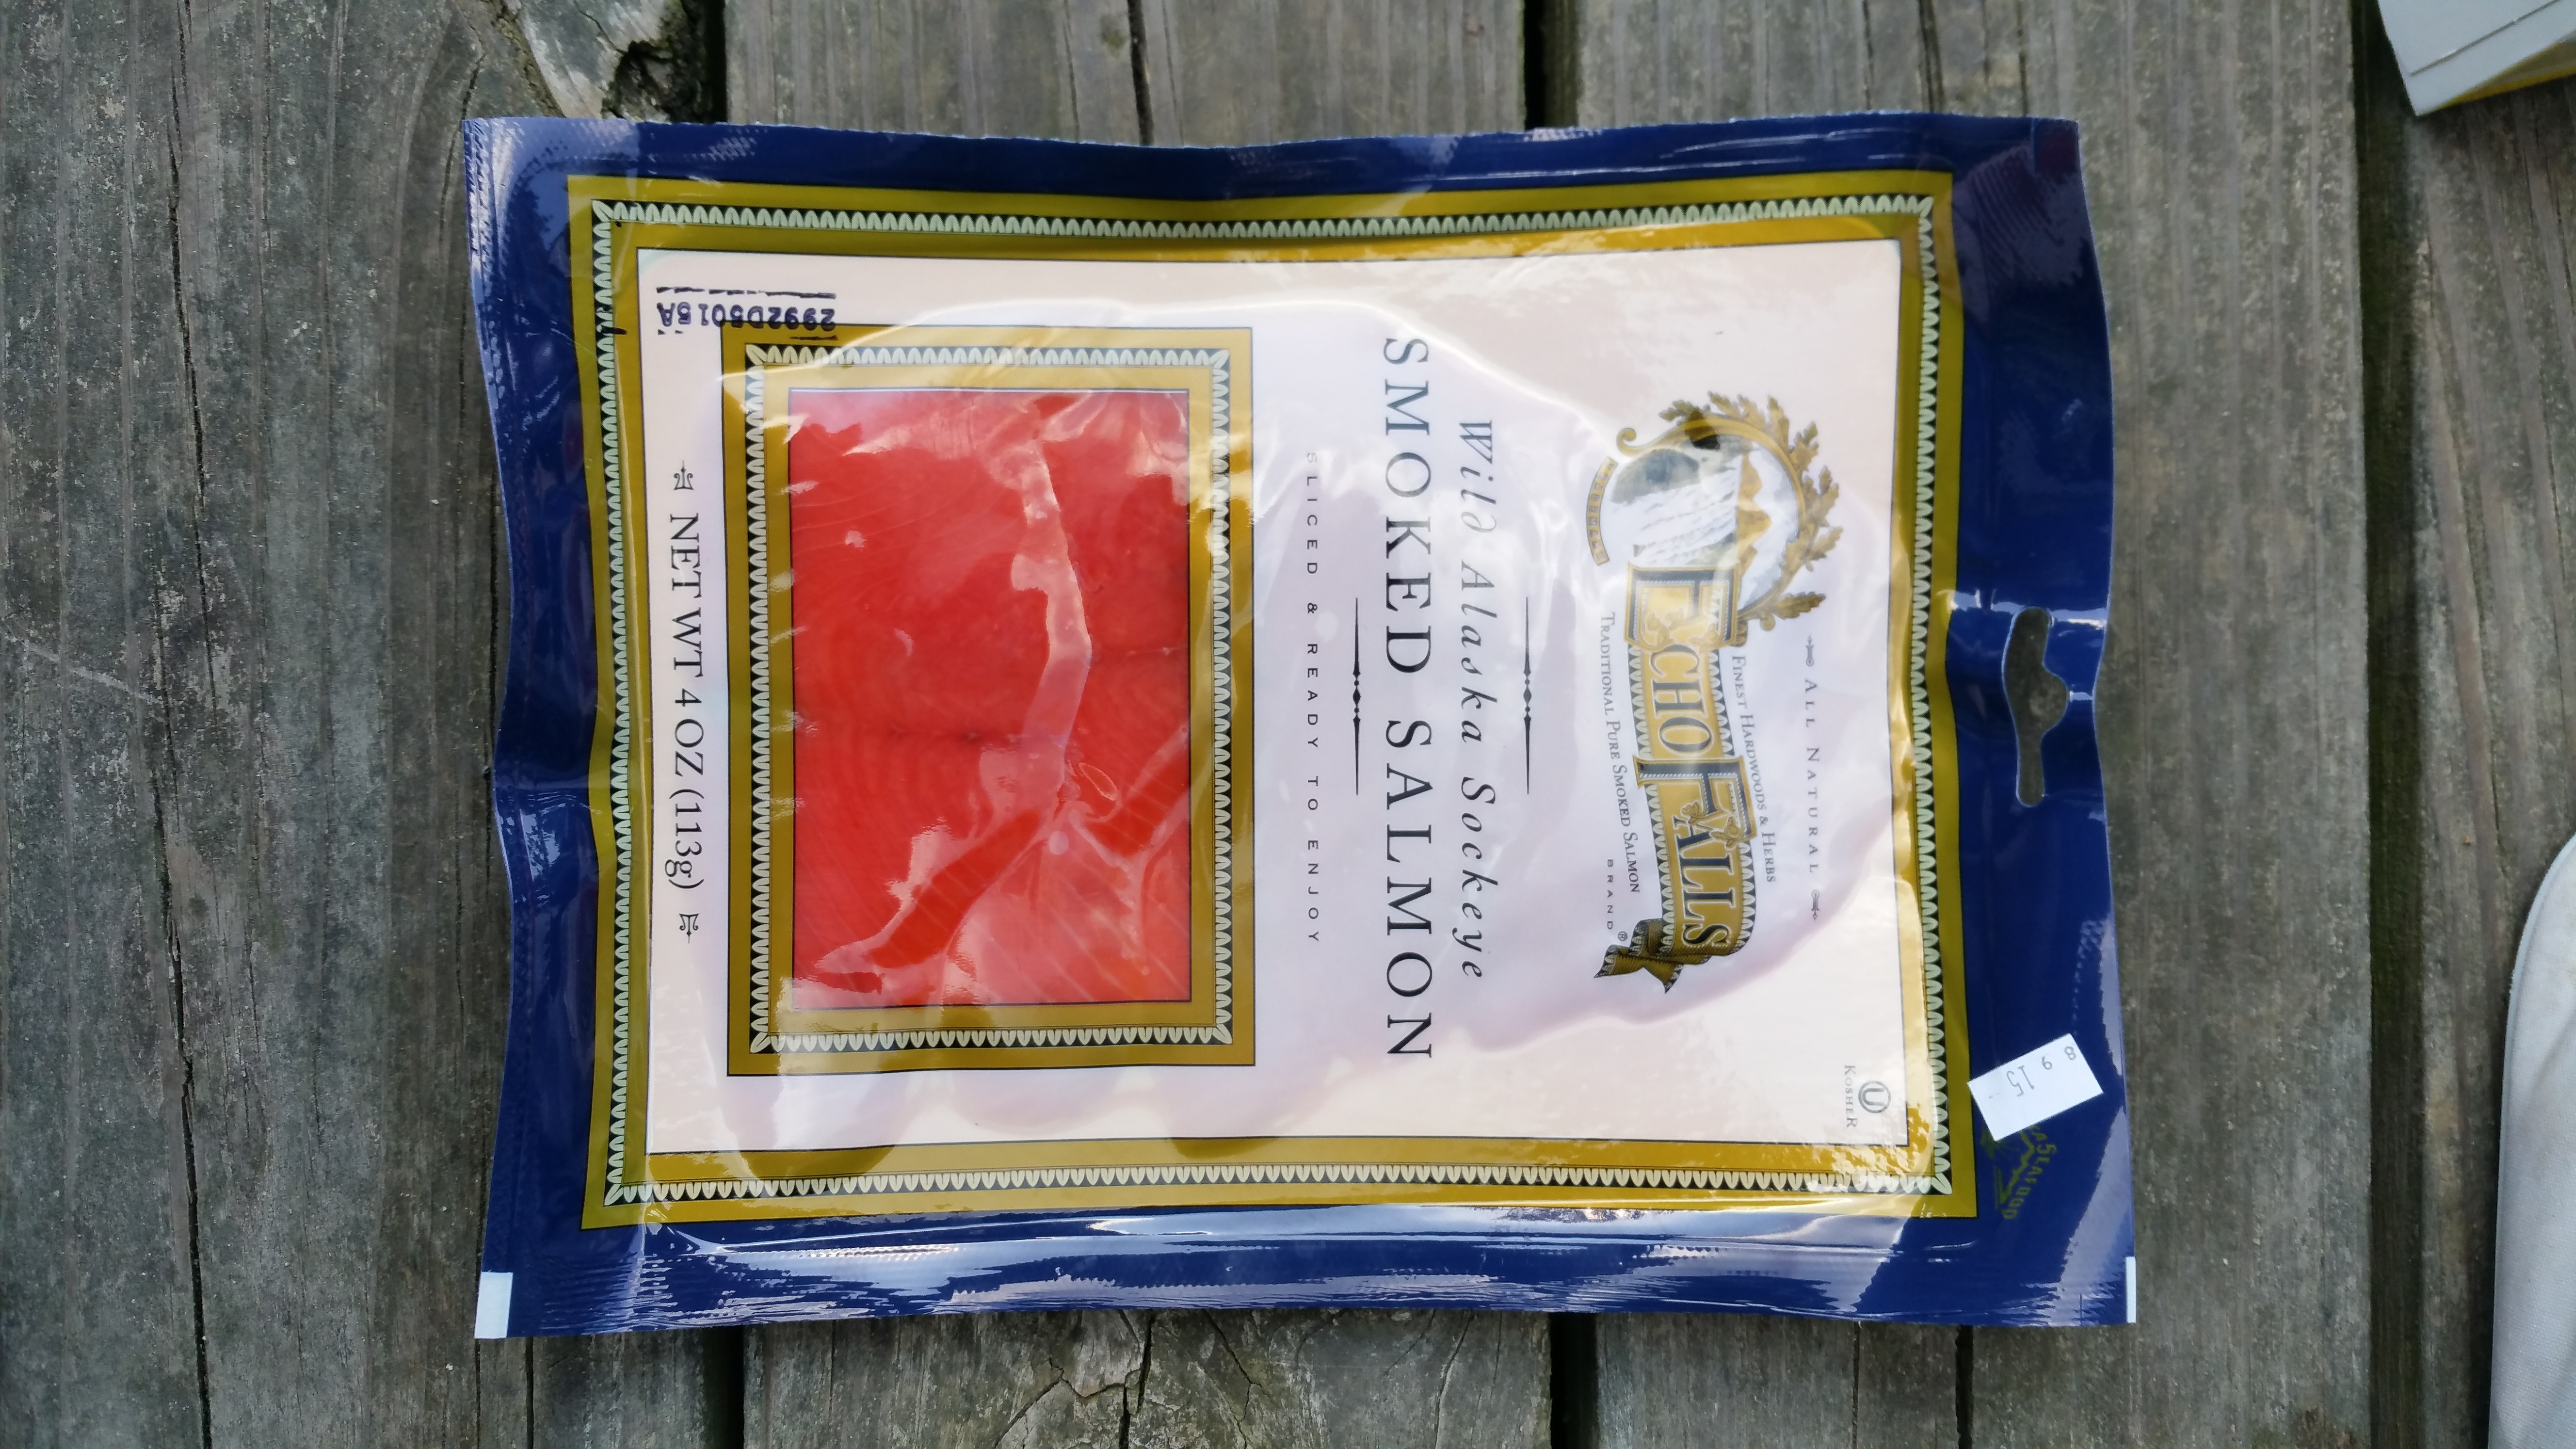 Wild Alaska Sockeye Smoked Salmon - Product - en